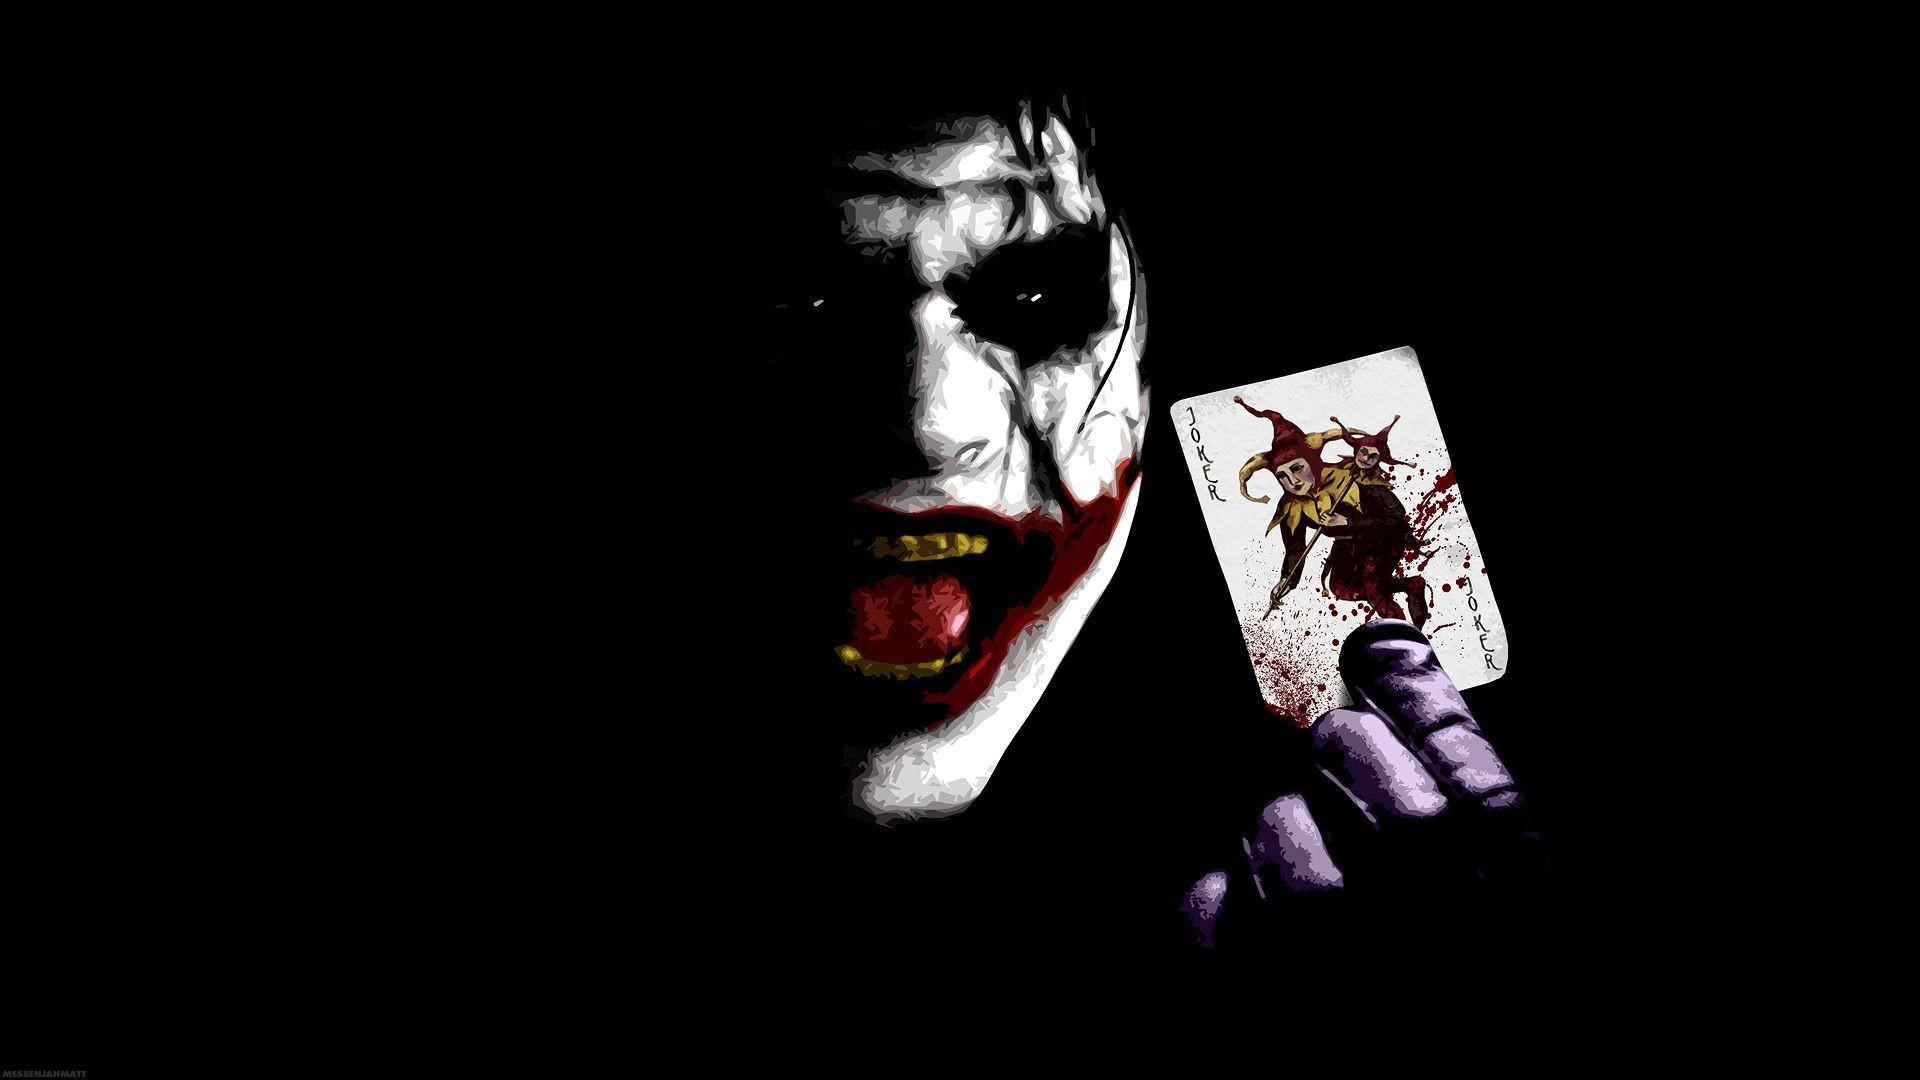 Wallpapers For > Batman Joker Wallpaper Widescreen